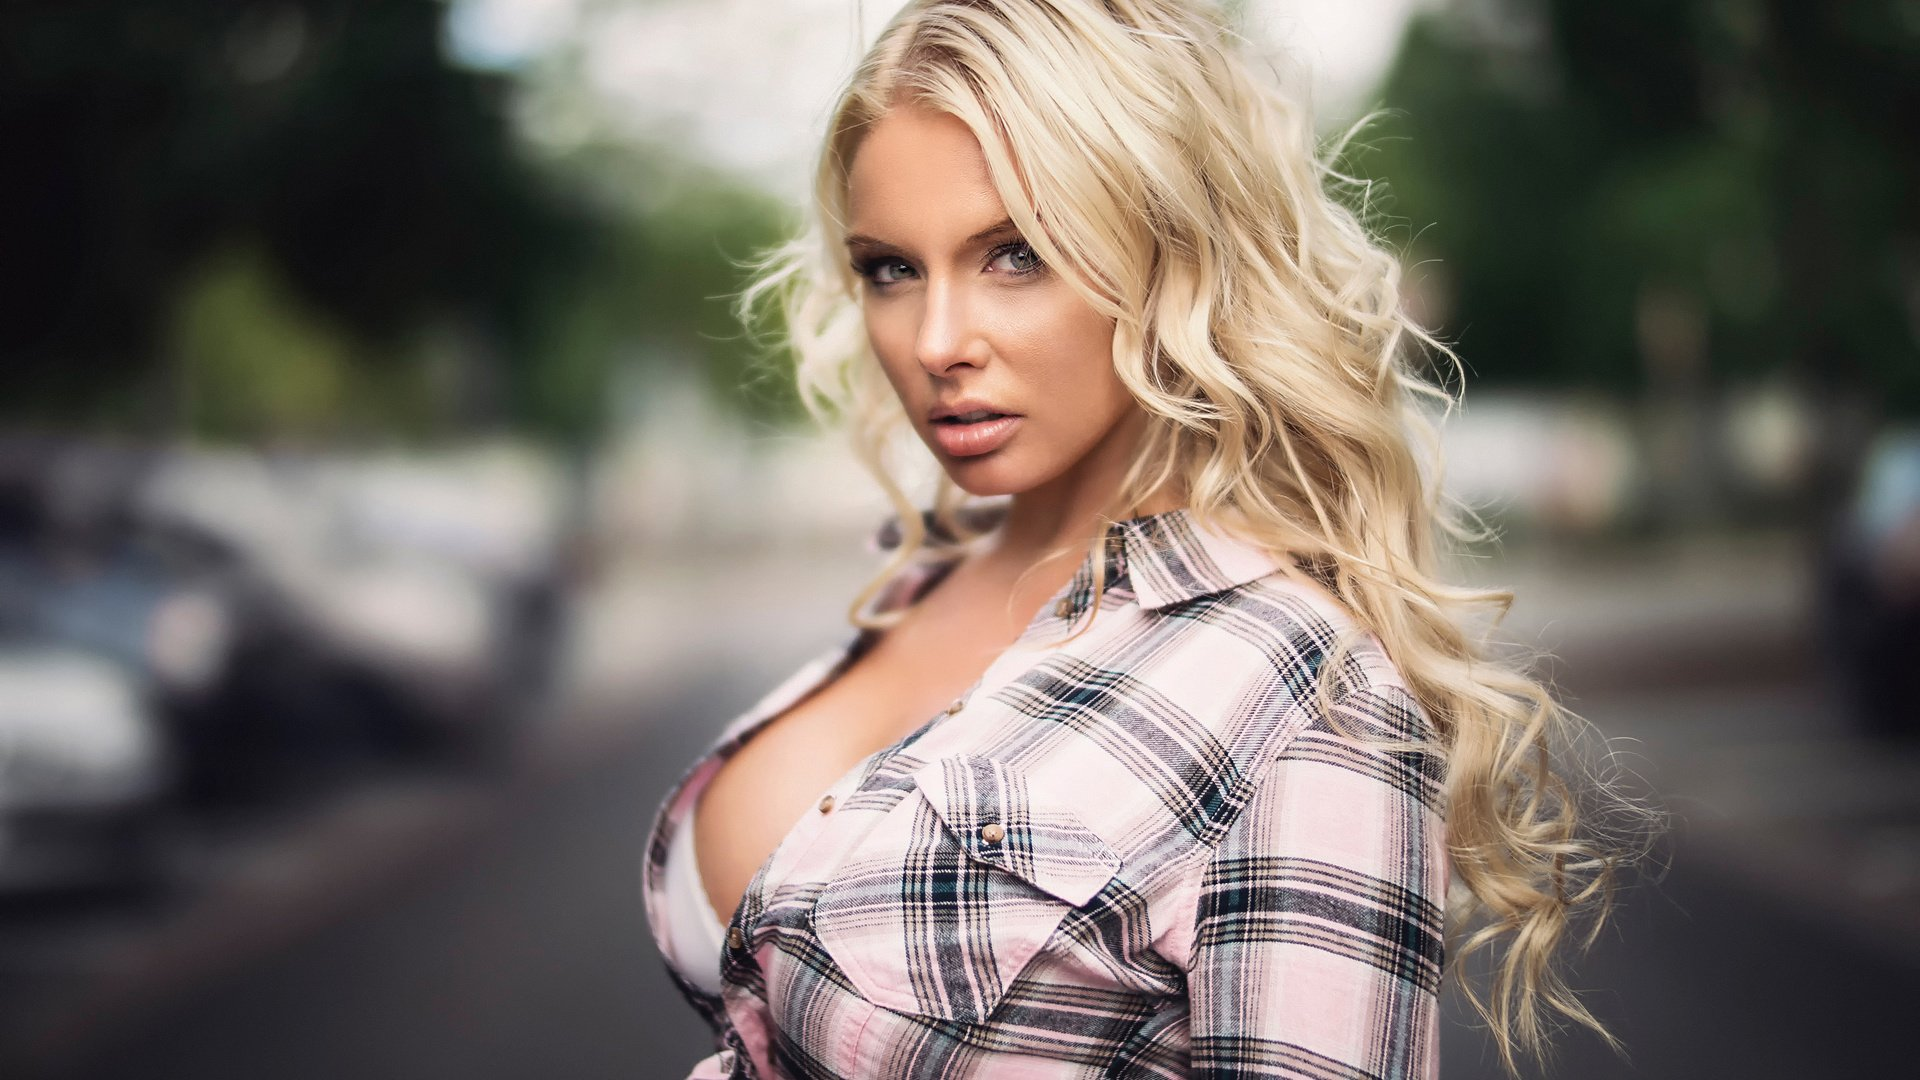 фото пышногрудых блондинок рекламирующих модели корсажей - 2